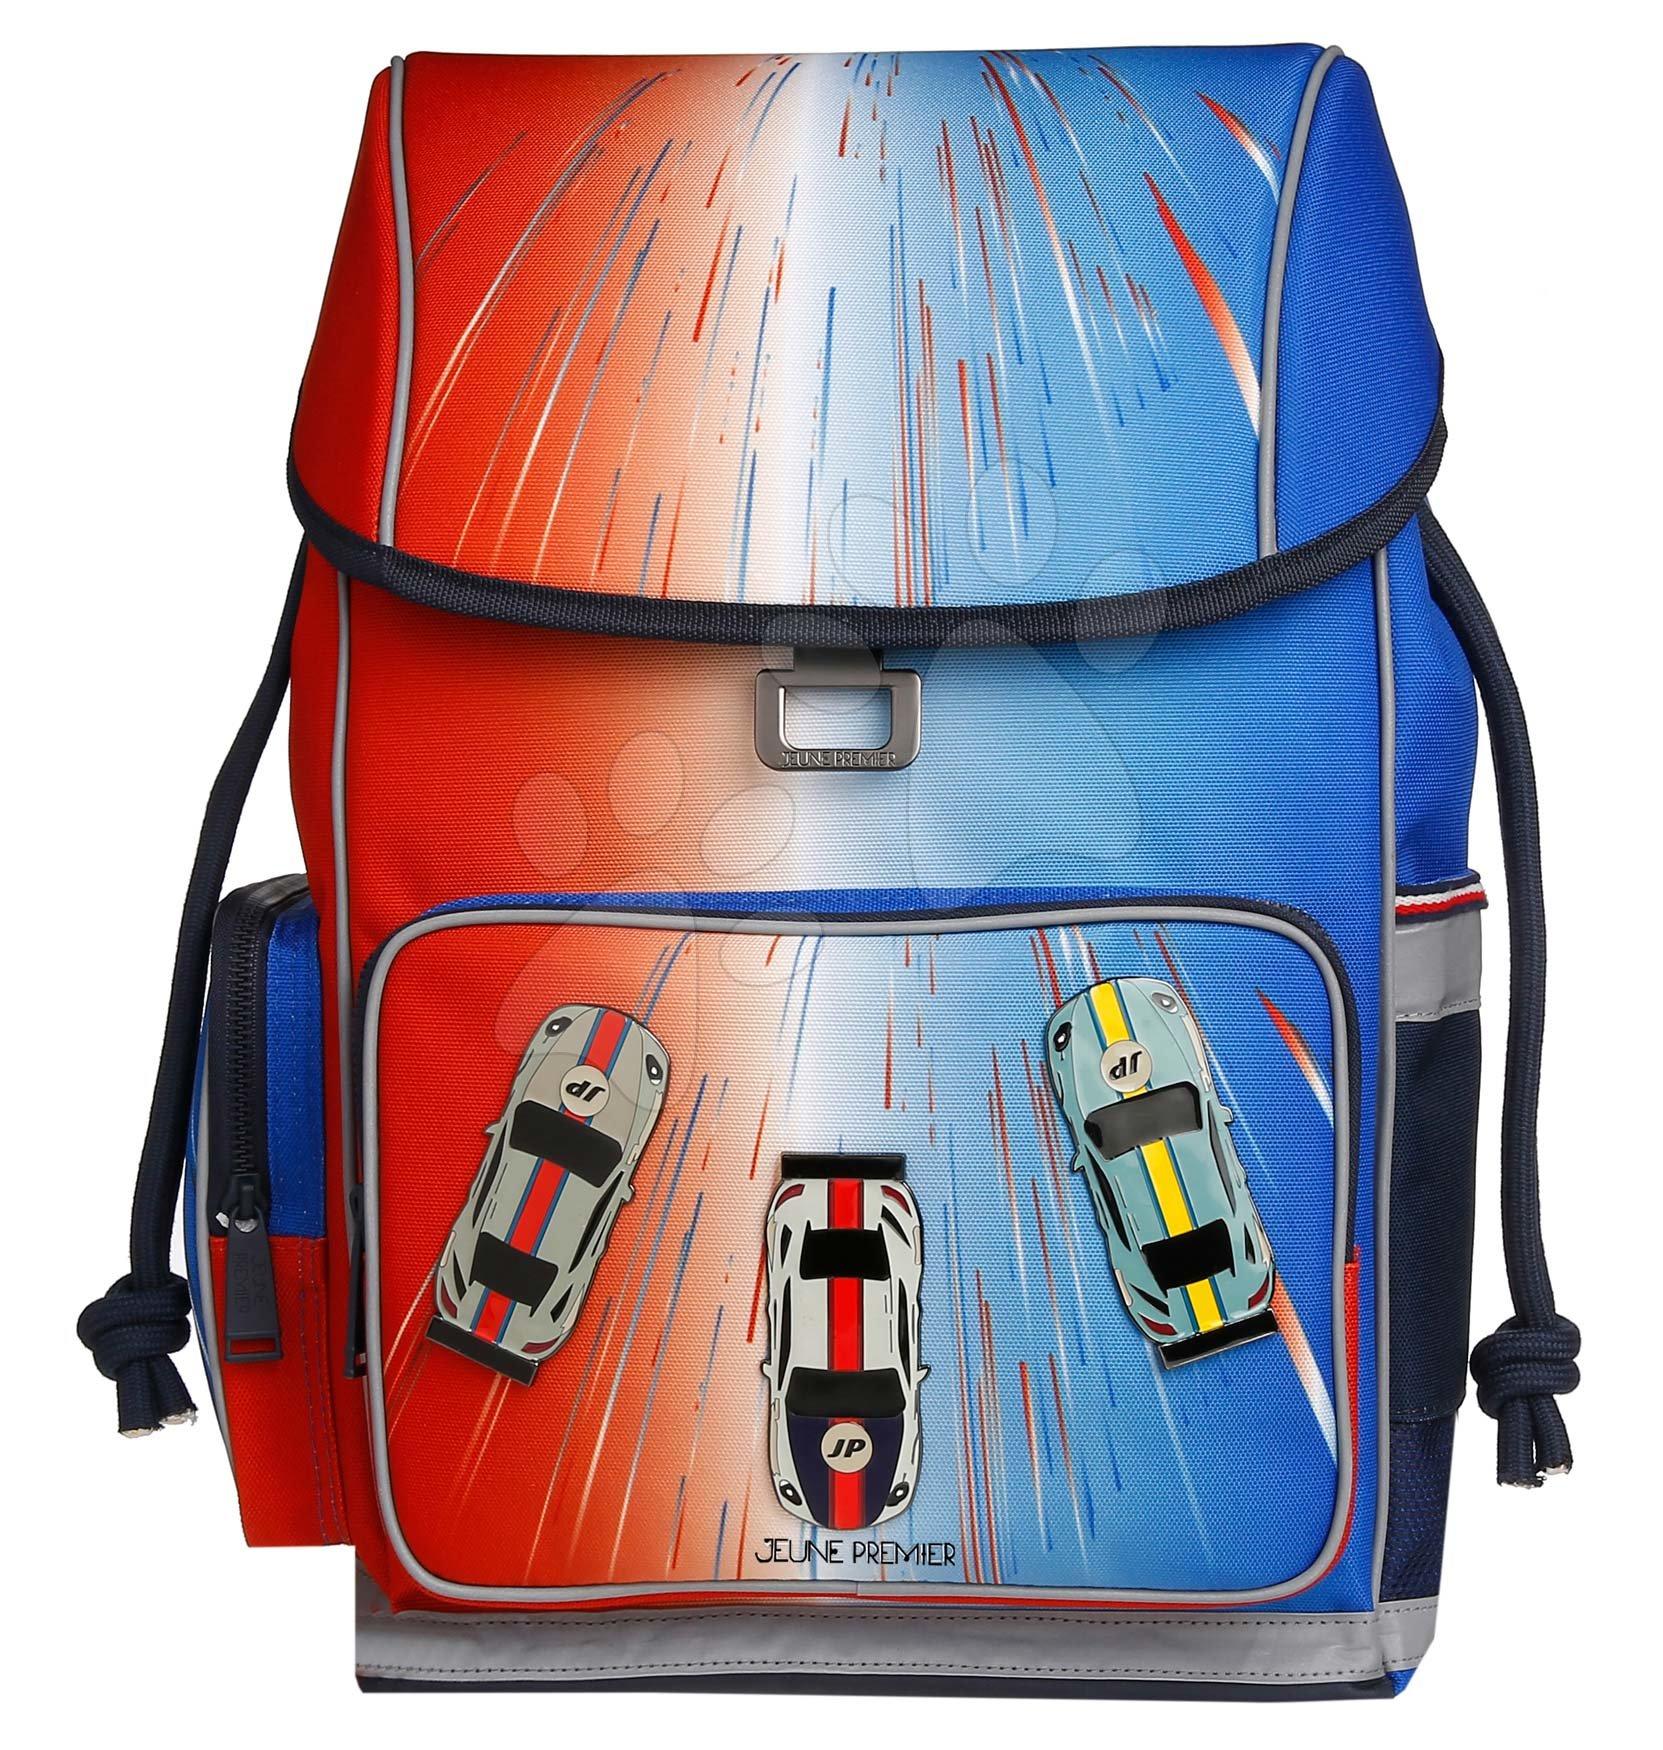 Školske torbe i ruksaci - Školský batoh veľký Ergomaxx Racing Club Jeune Premier ergonomický luxusné prevedenie 39*26 cm JPERX21171